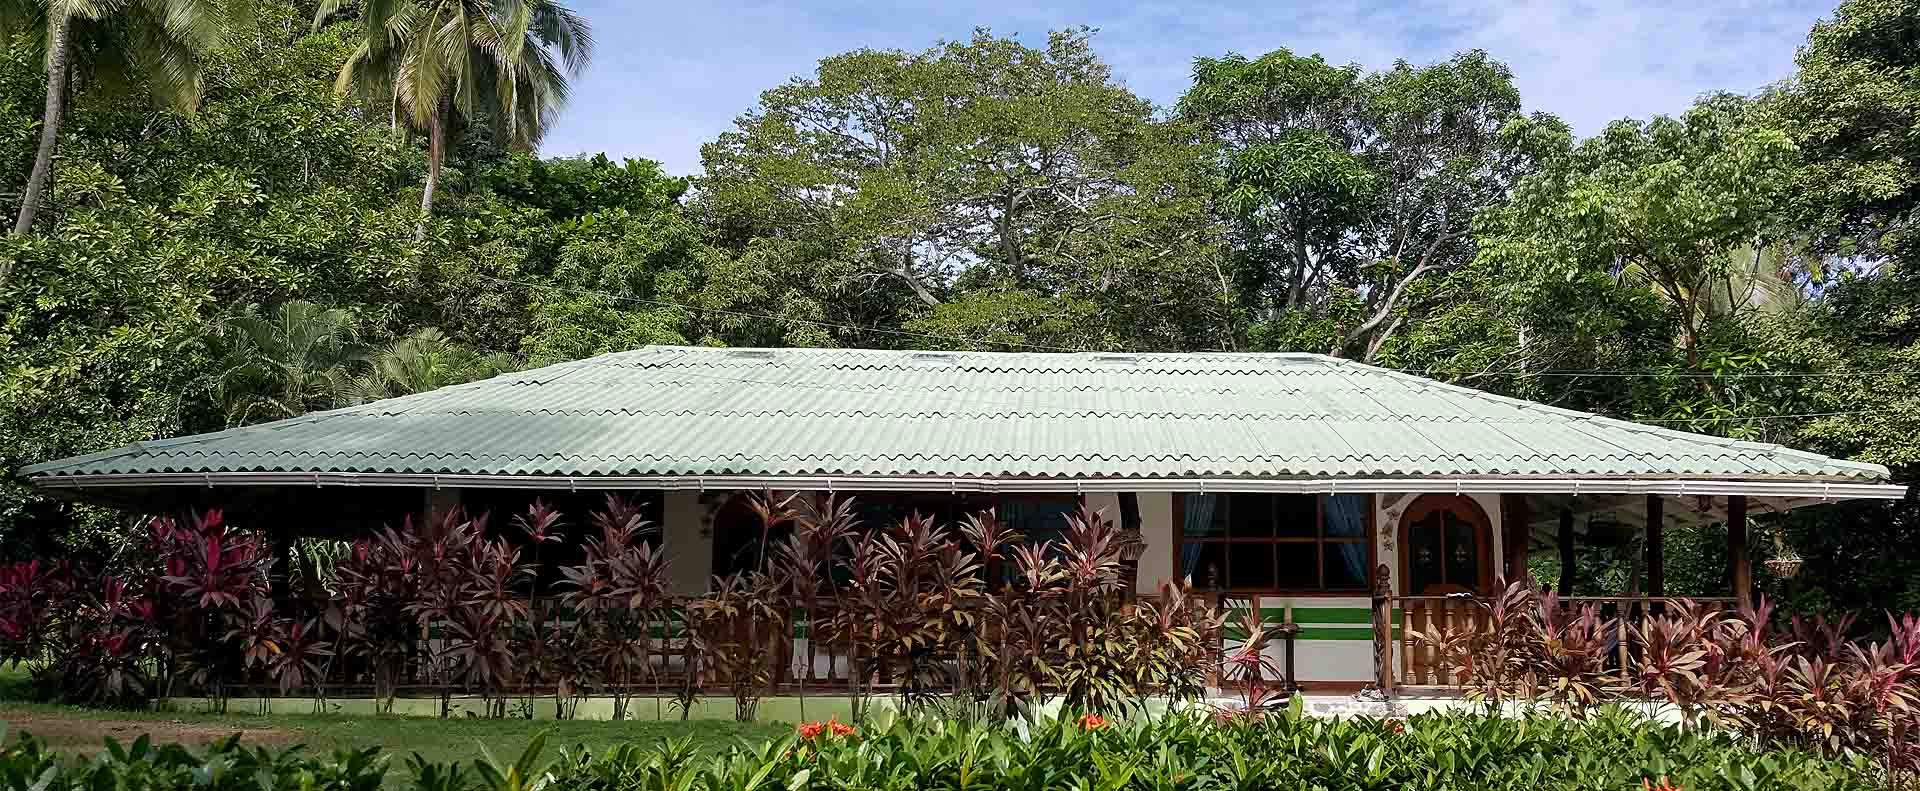 Casa indígena